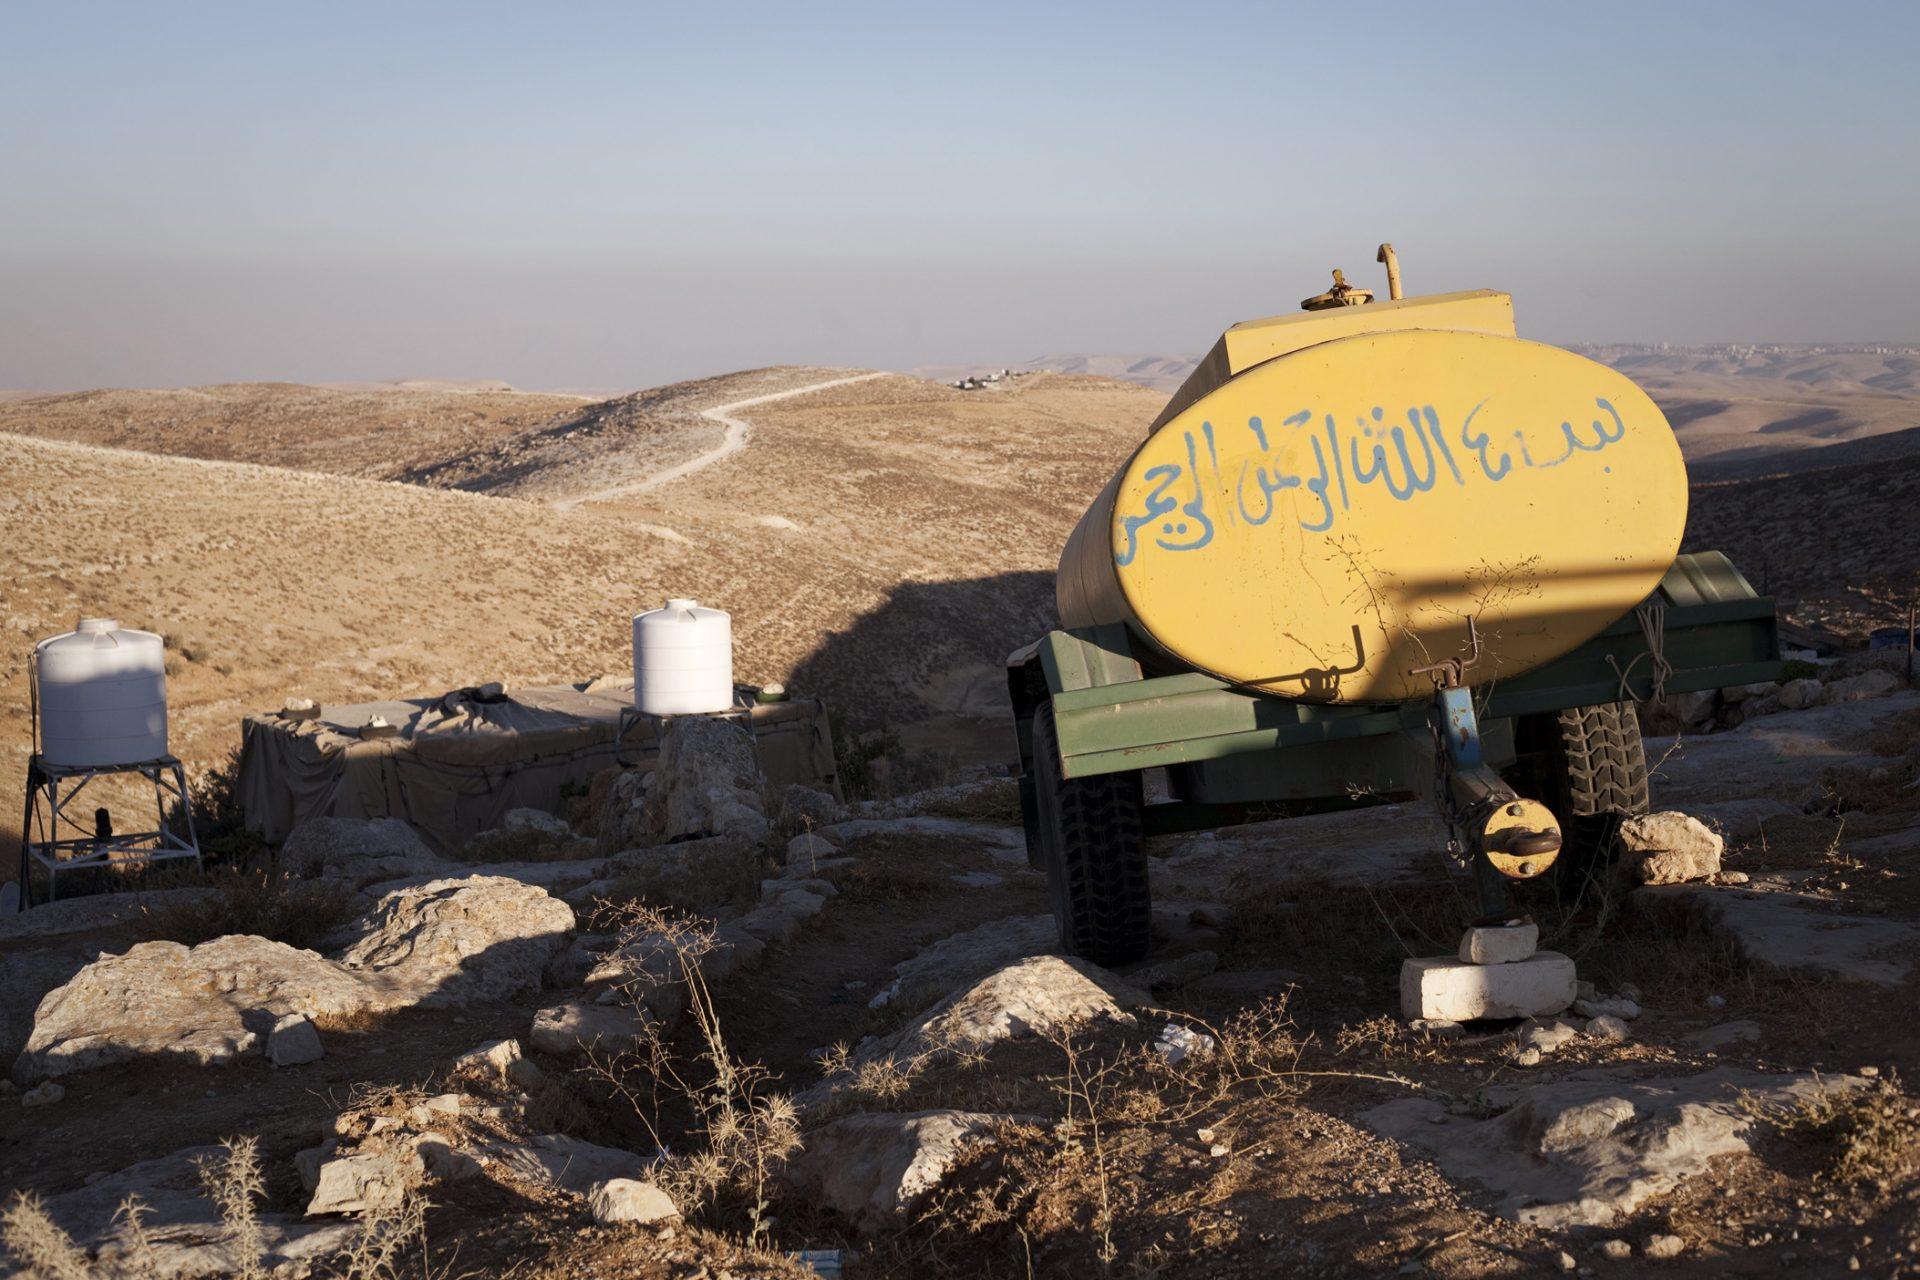 Toutes les maisons des villages palestiniens sont équipées de citernes qui leur permettent de stocker l'eau les jours où ils y ont accès (lorsqu'ils ont l'eau courante). Beaucoup de villages ne sont pas raccordés au réseau et doivent aller acheter de l'eau en ville. Selon un rapport de la Banque mondiale, un Israélien dispose en moyenne de quatre fois plus d'eau qu'un Palestinien.